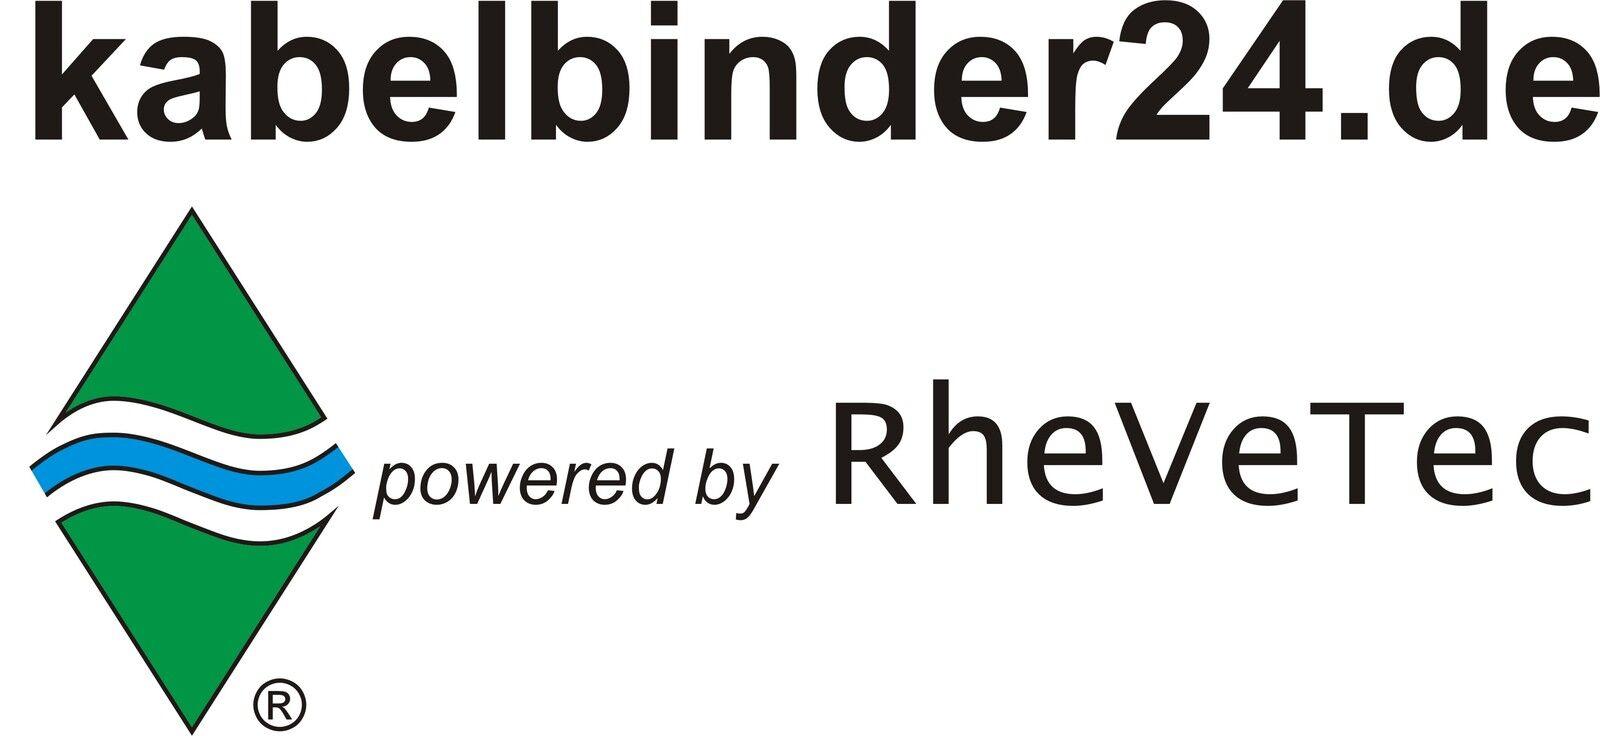 kabelbinder24